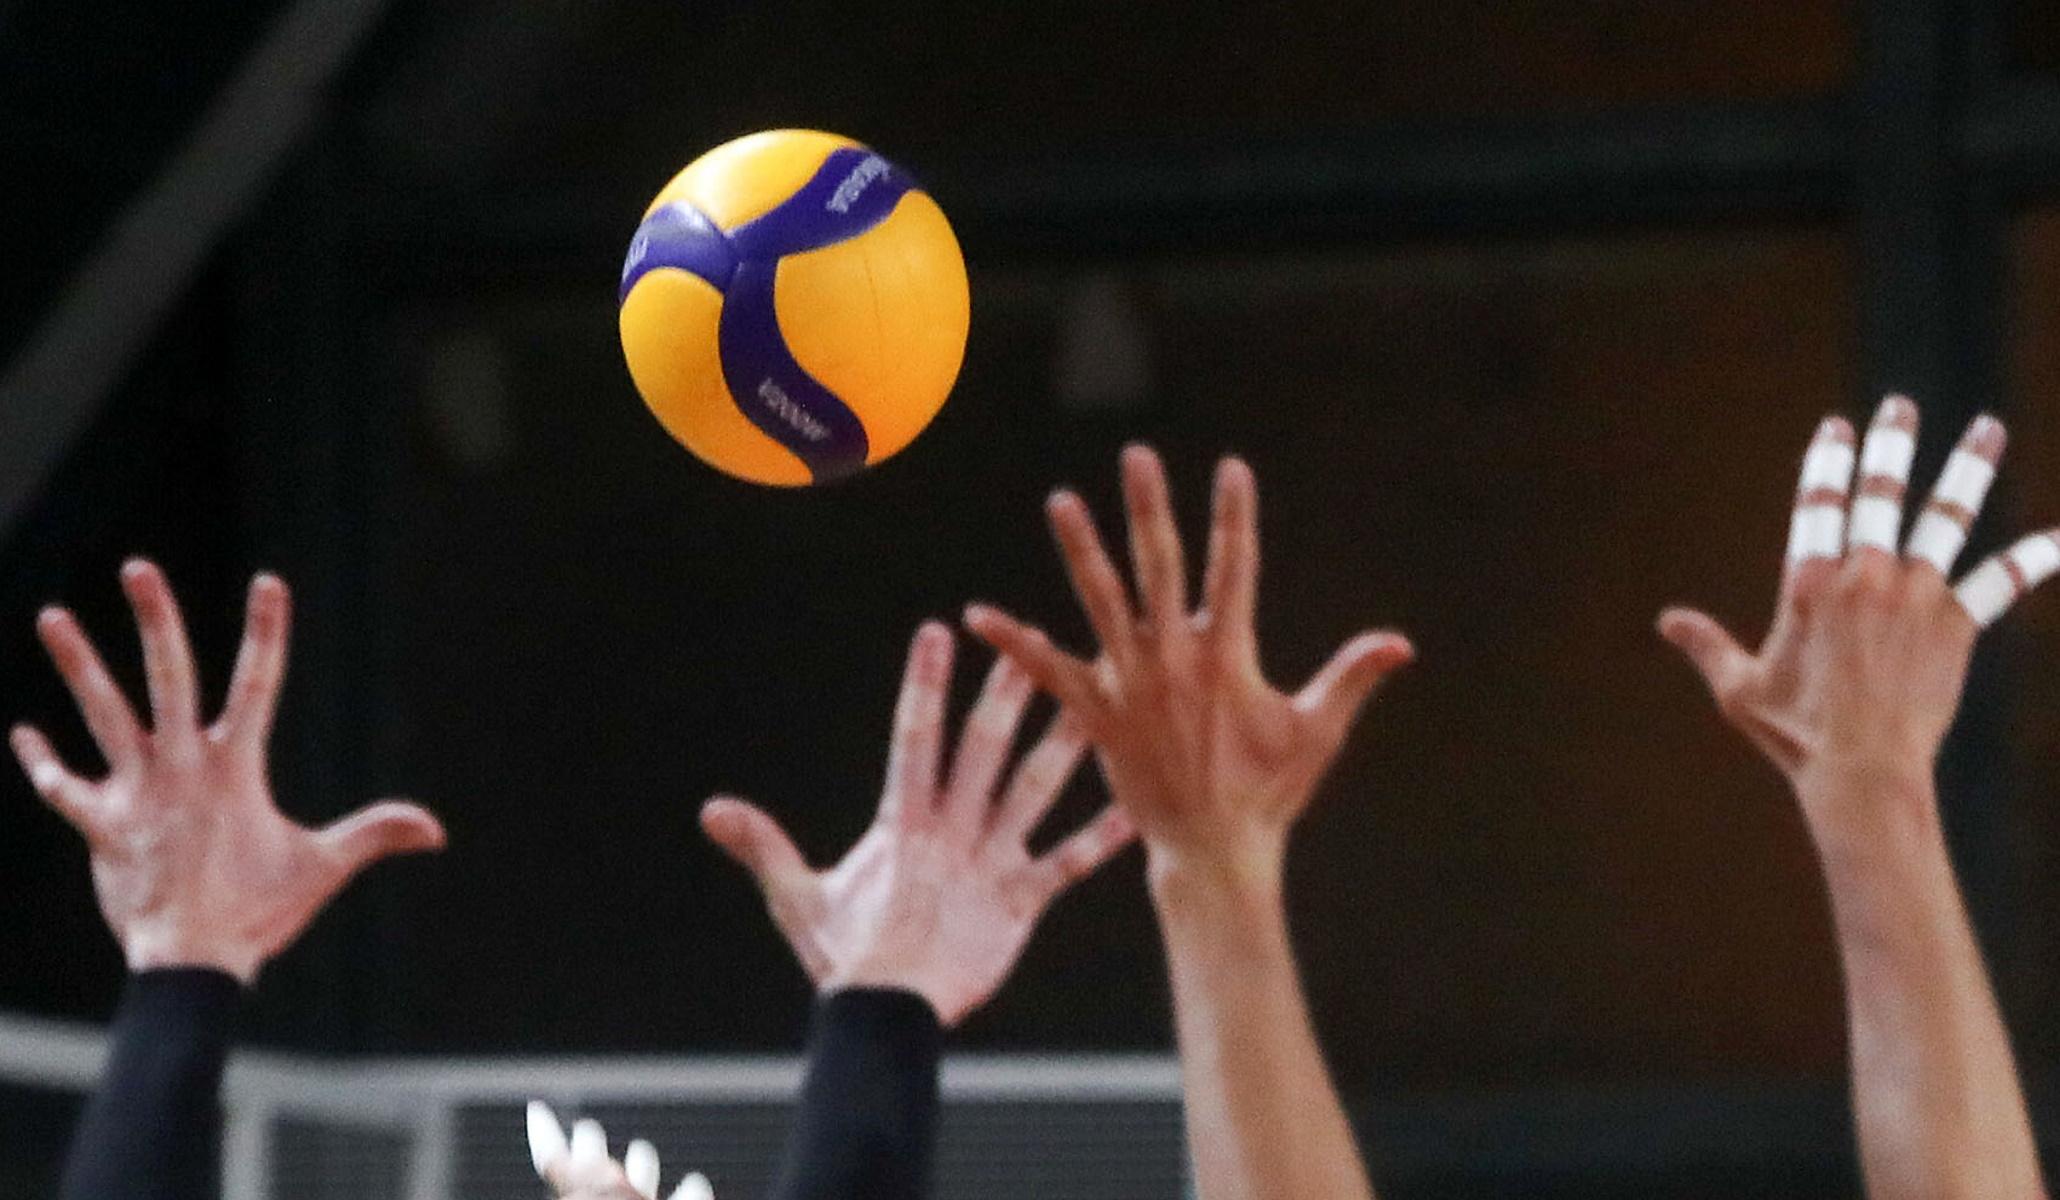 μπάλα βόλεϊ